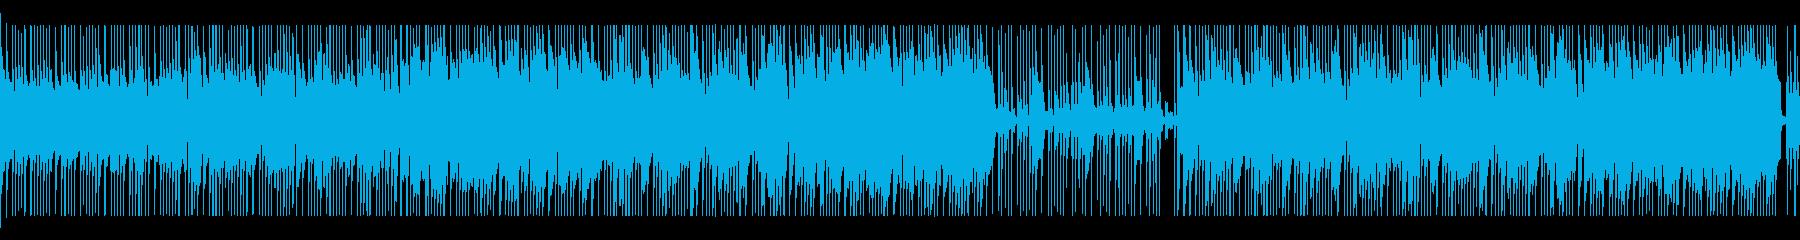 陽気なテンポのいいトークBGM[ループ]の再生済みの波形